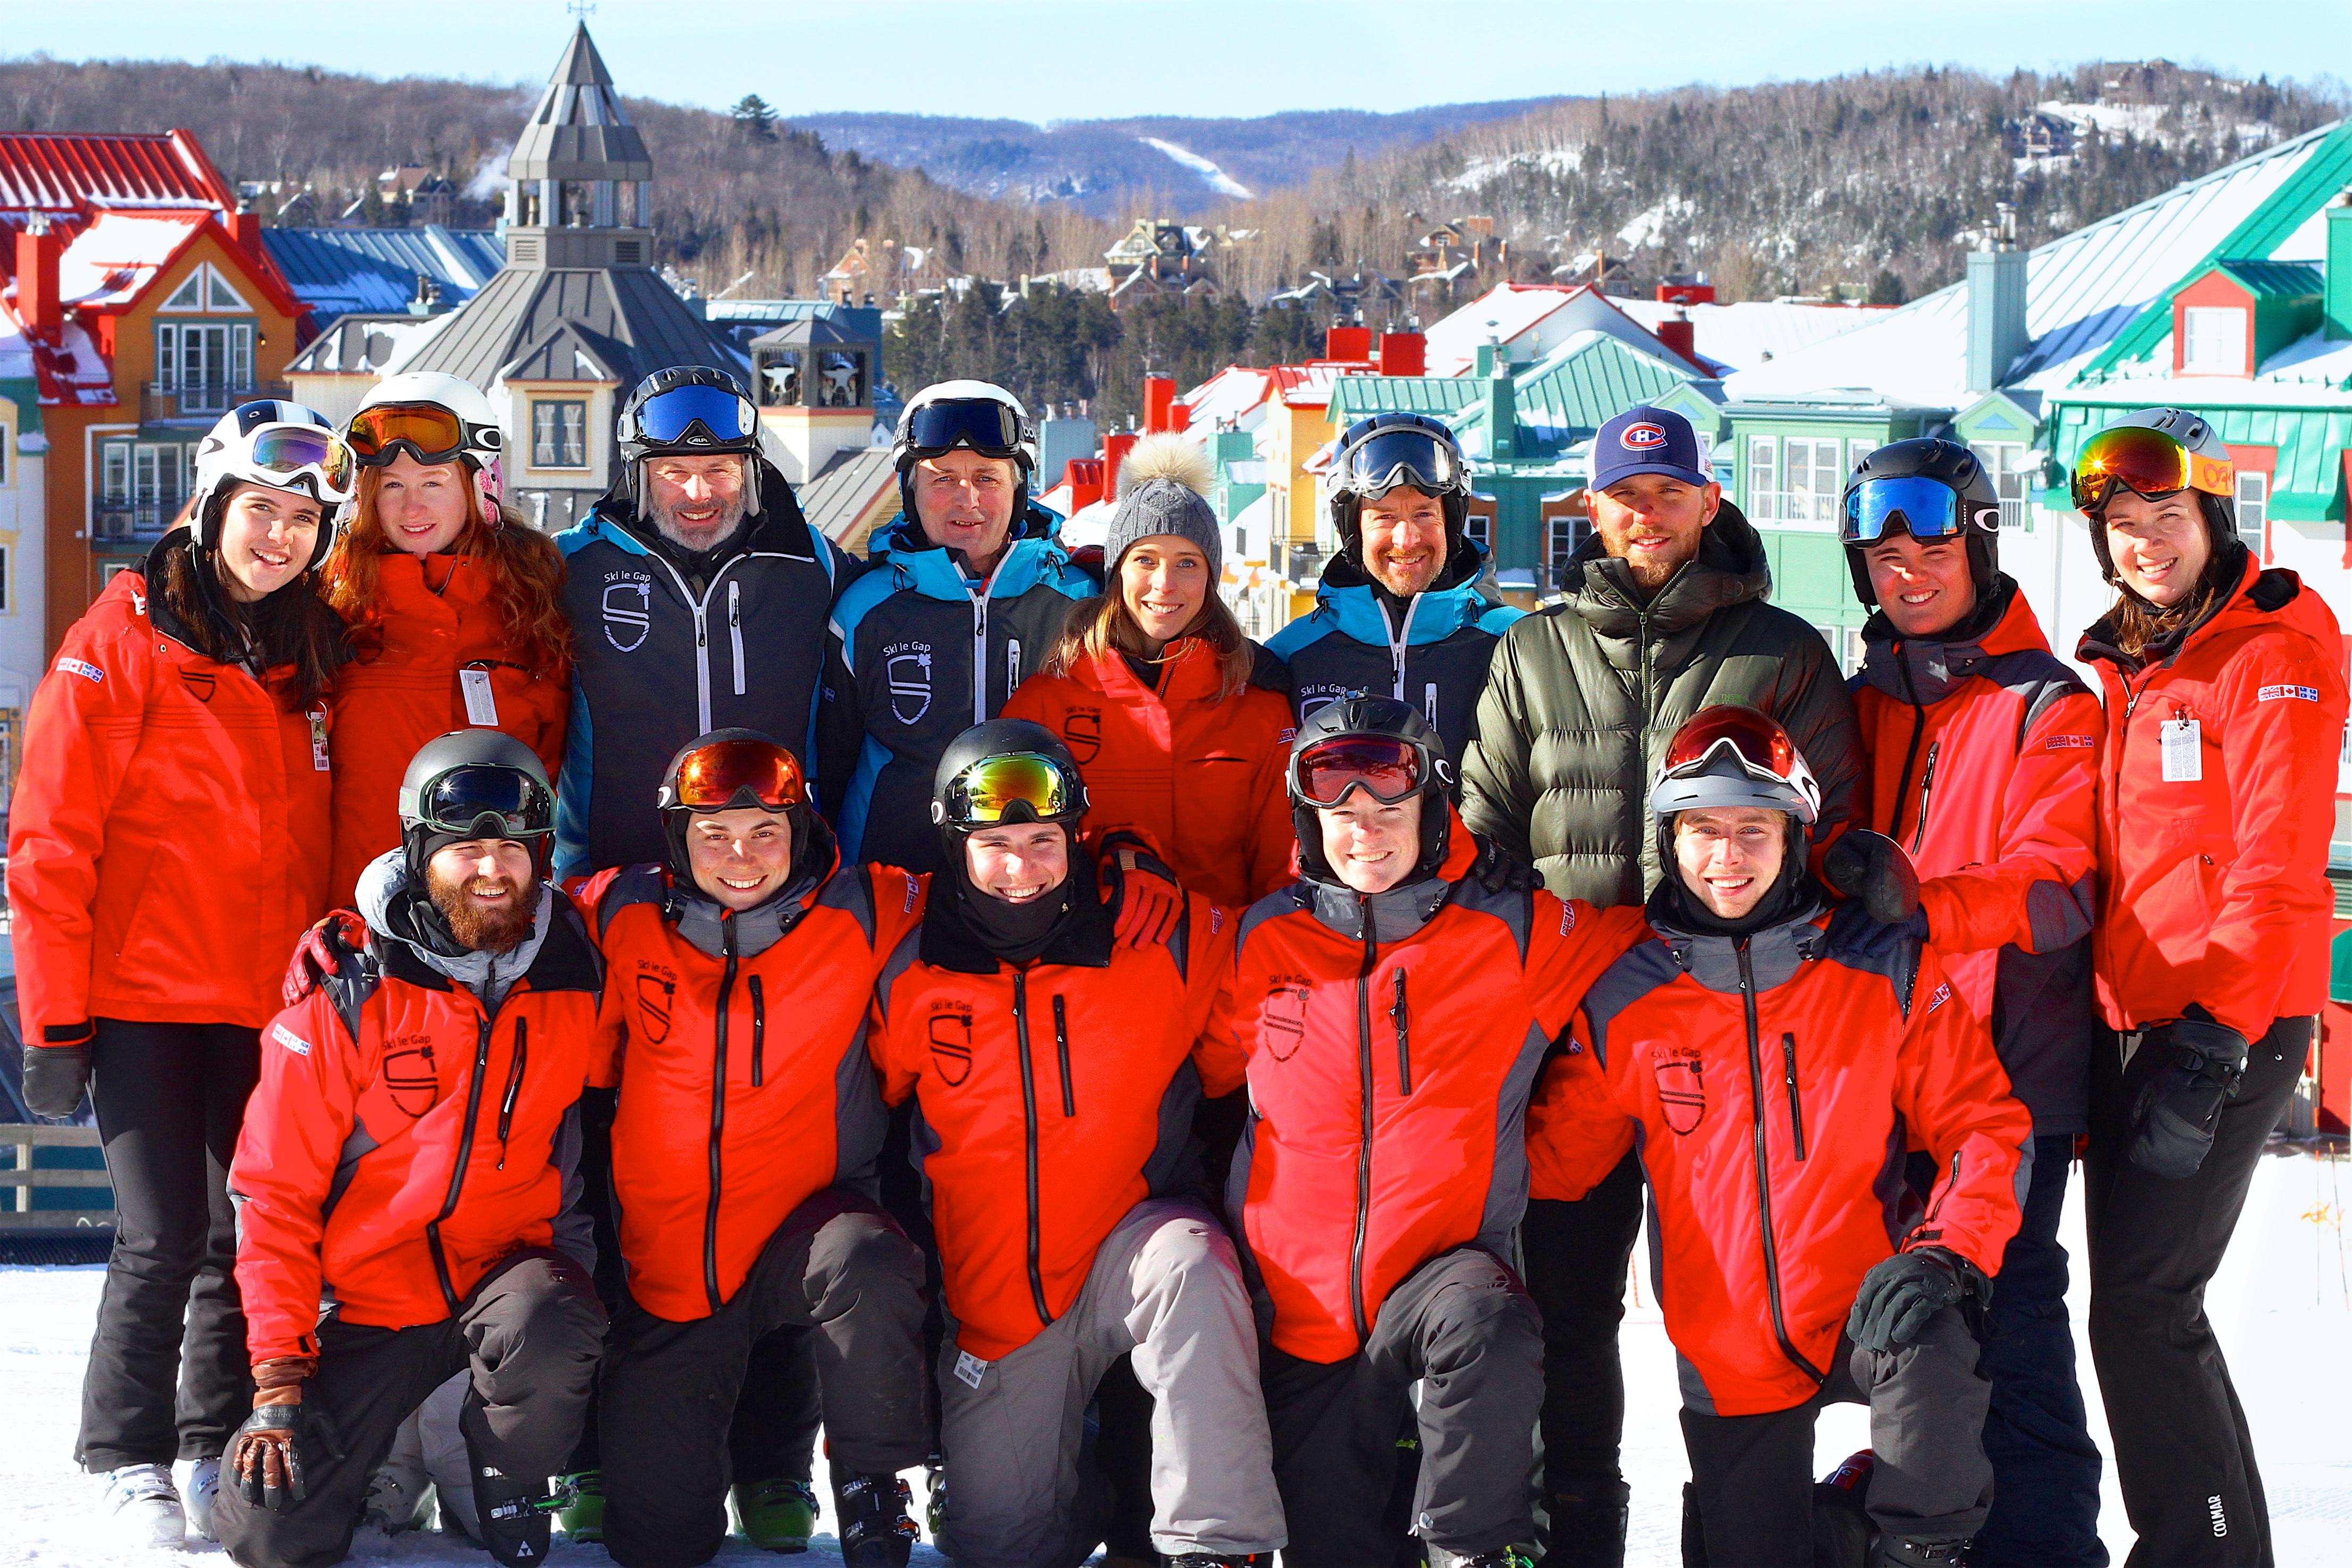 Ski le Gap: Ultimate Ski Experience